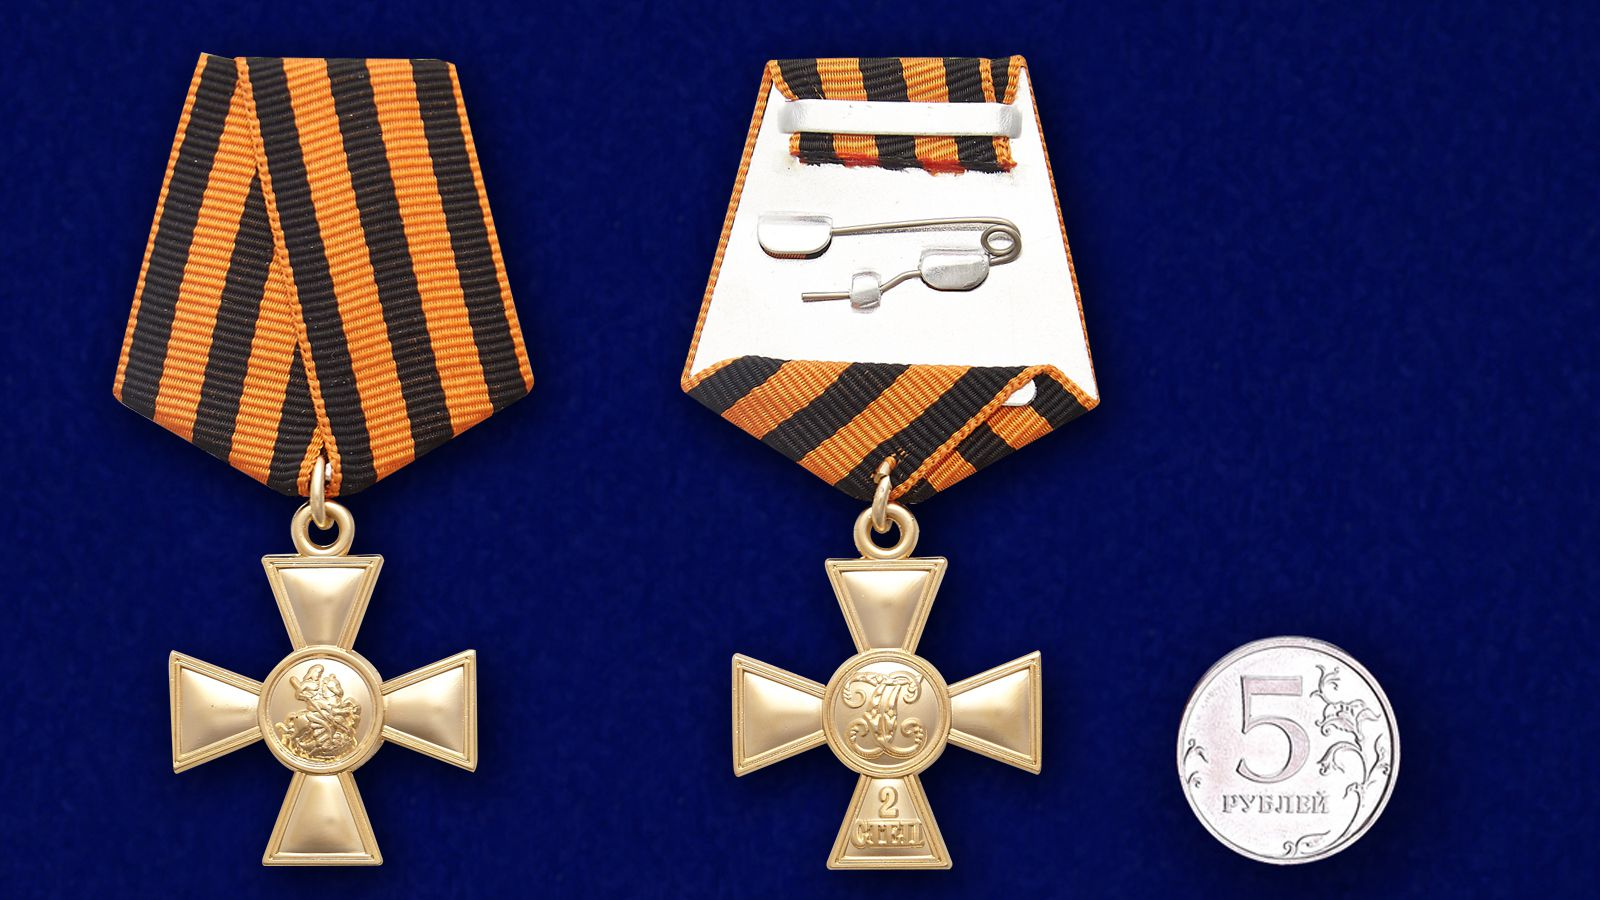 Георгиевский крест II степени - сравнительный размер